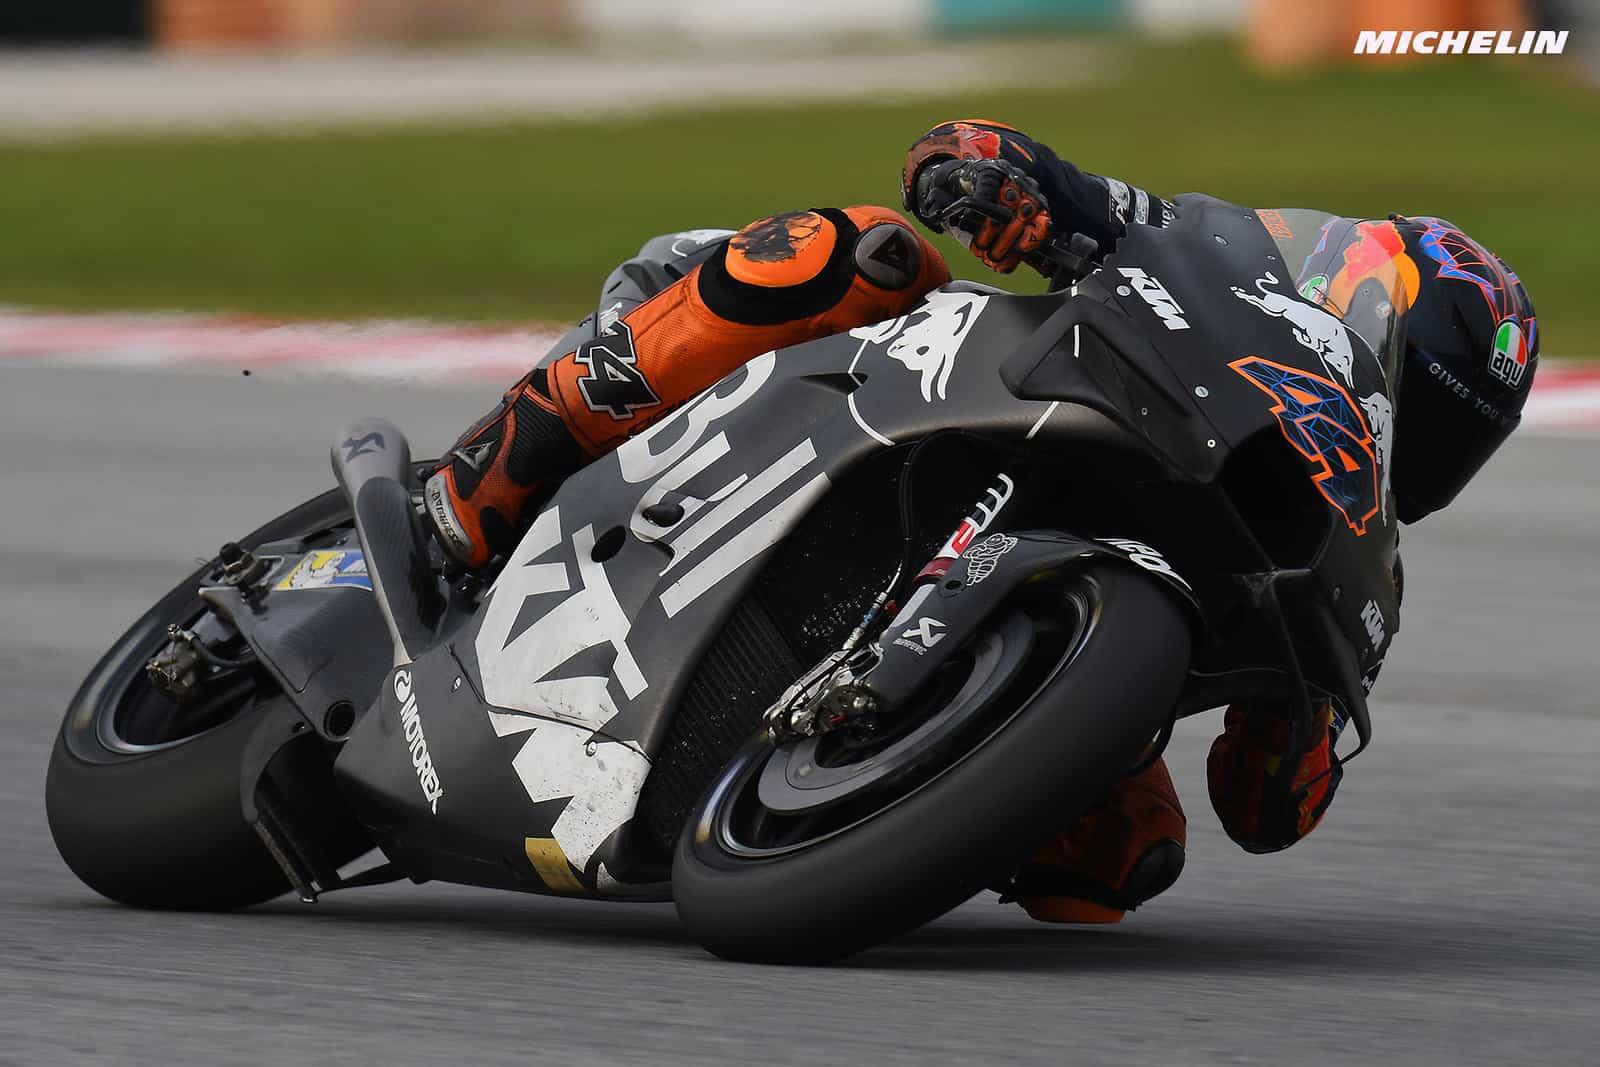 KTMなど複数メーカーが参加予定だった3月18日からのヘレス プライベートテストが中止